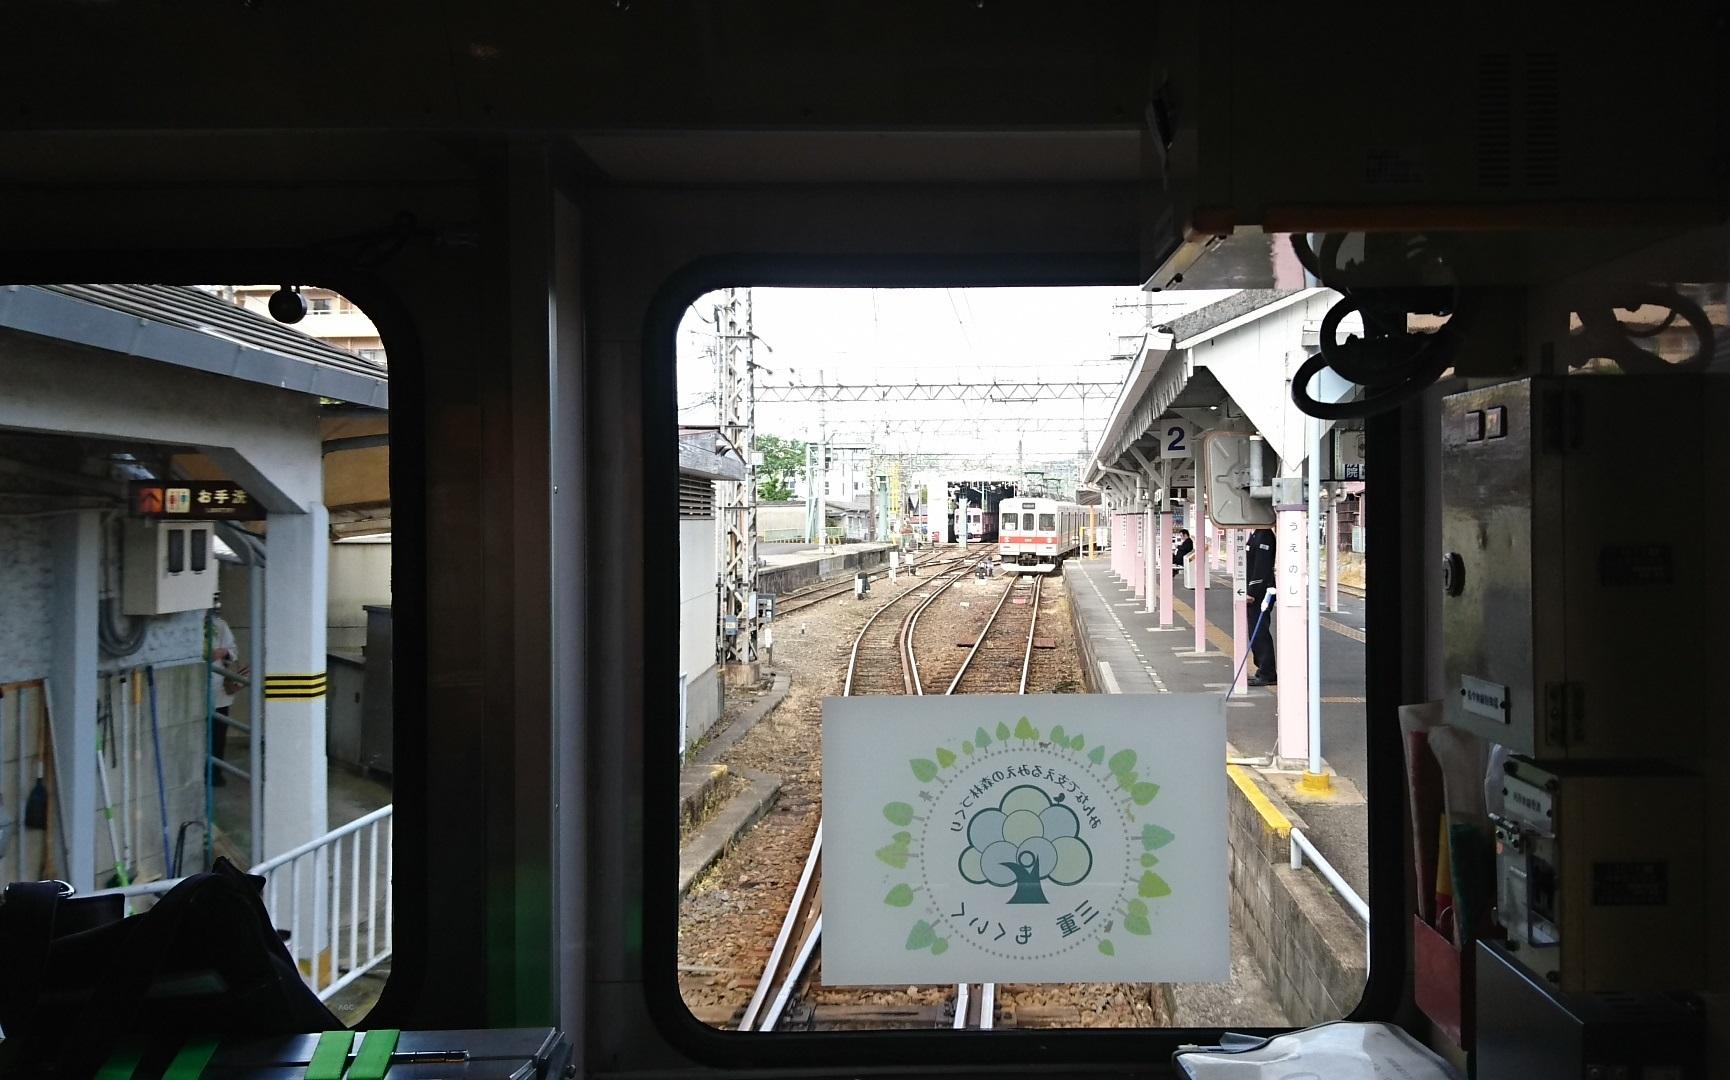 2018.4.26 上野 (42) 伊賀神戸いきふつう - 上野市 1730-1080